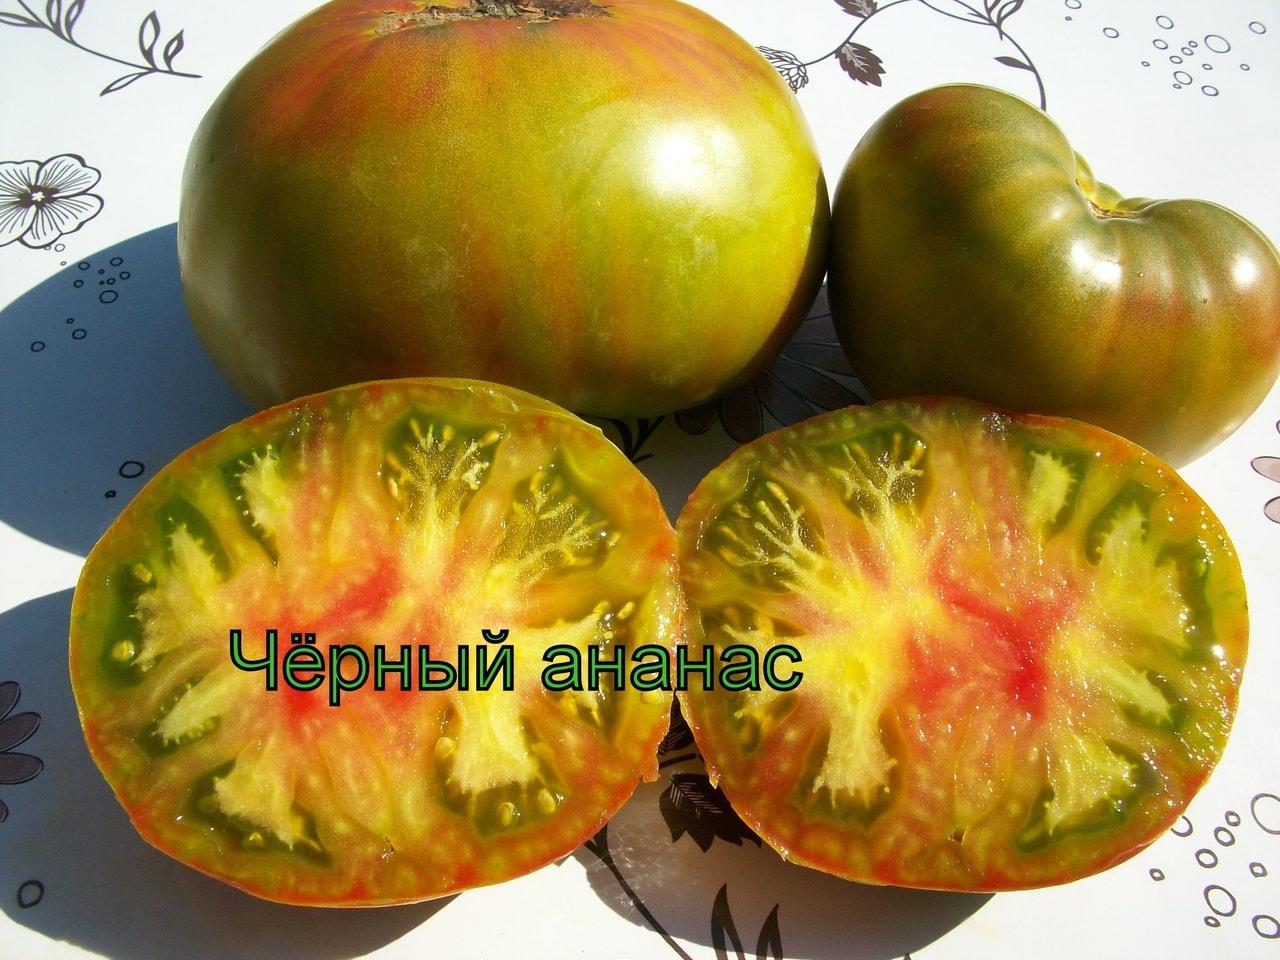 Томат черный ананас: описание сорта, фото, отзывы